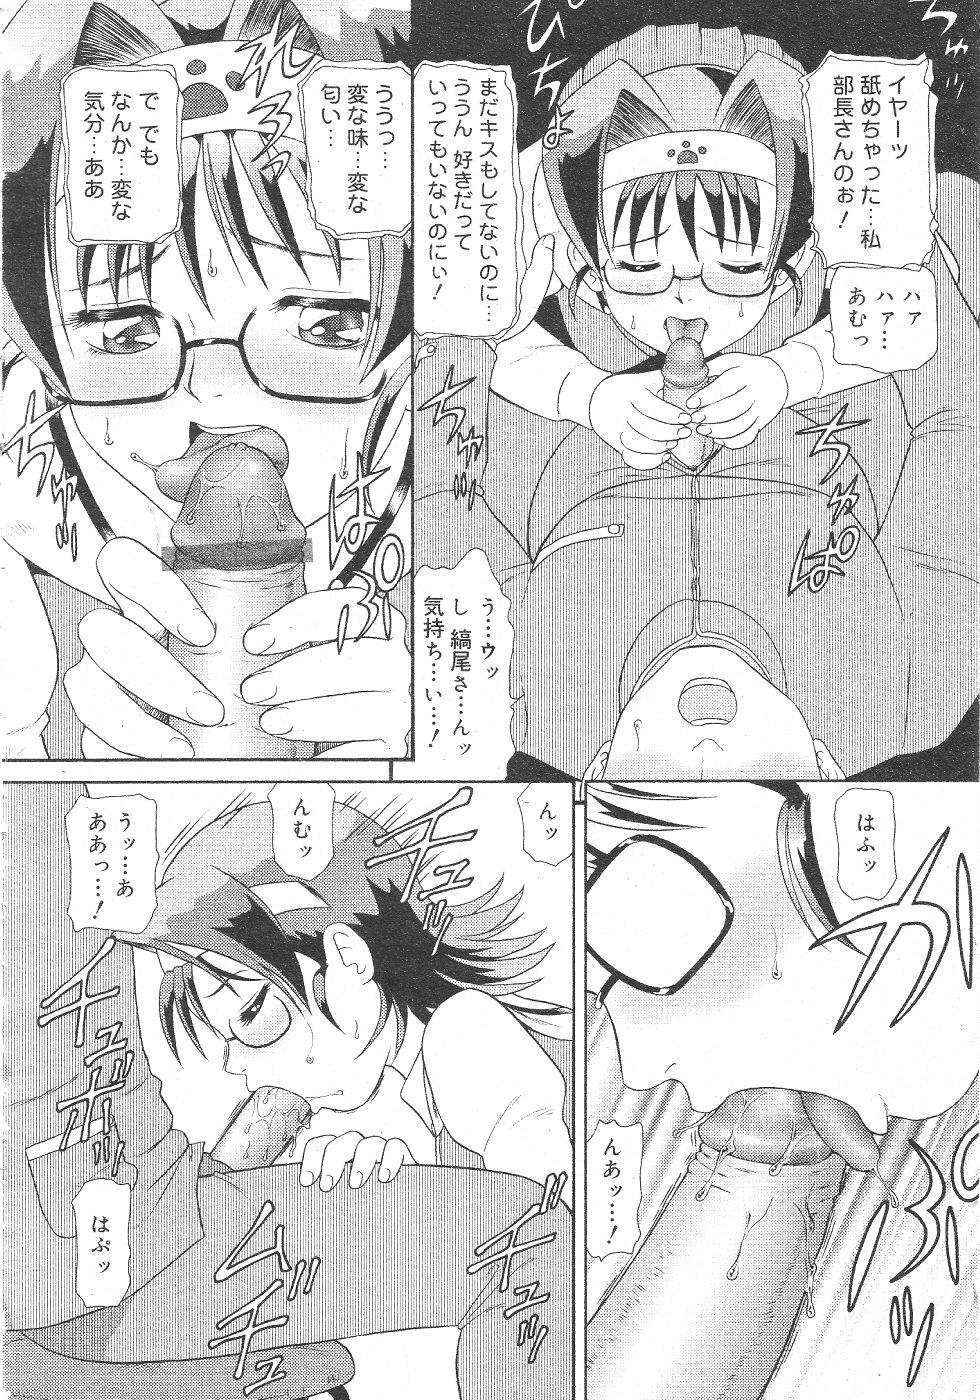 Gekkan Comic Muga 2004-06 Vol.10 377